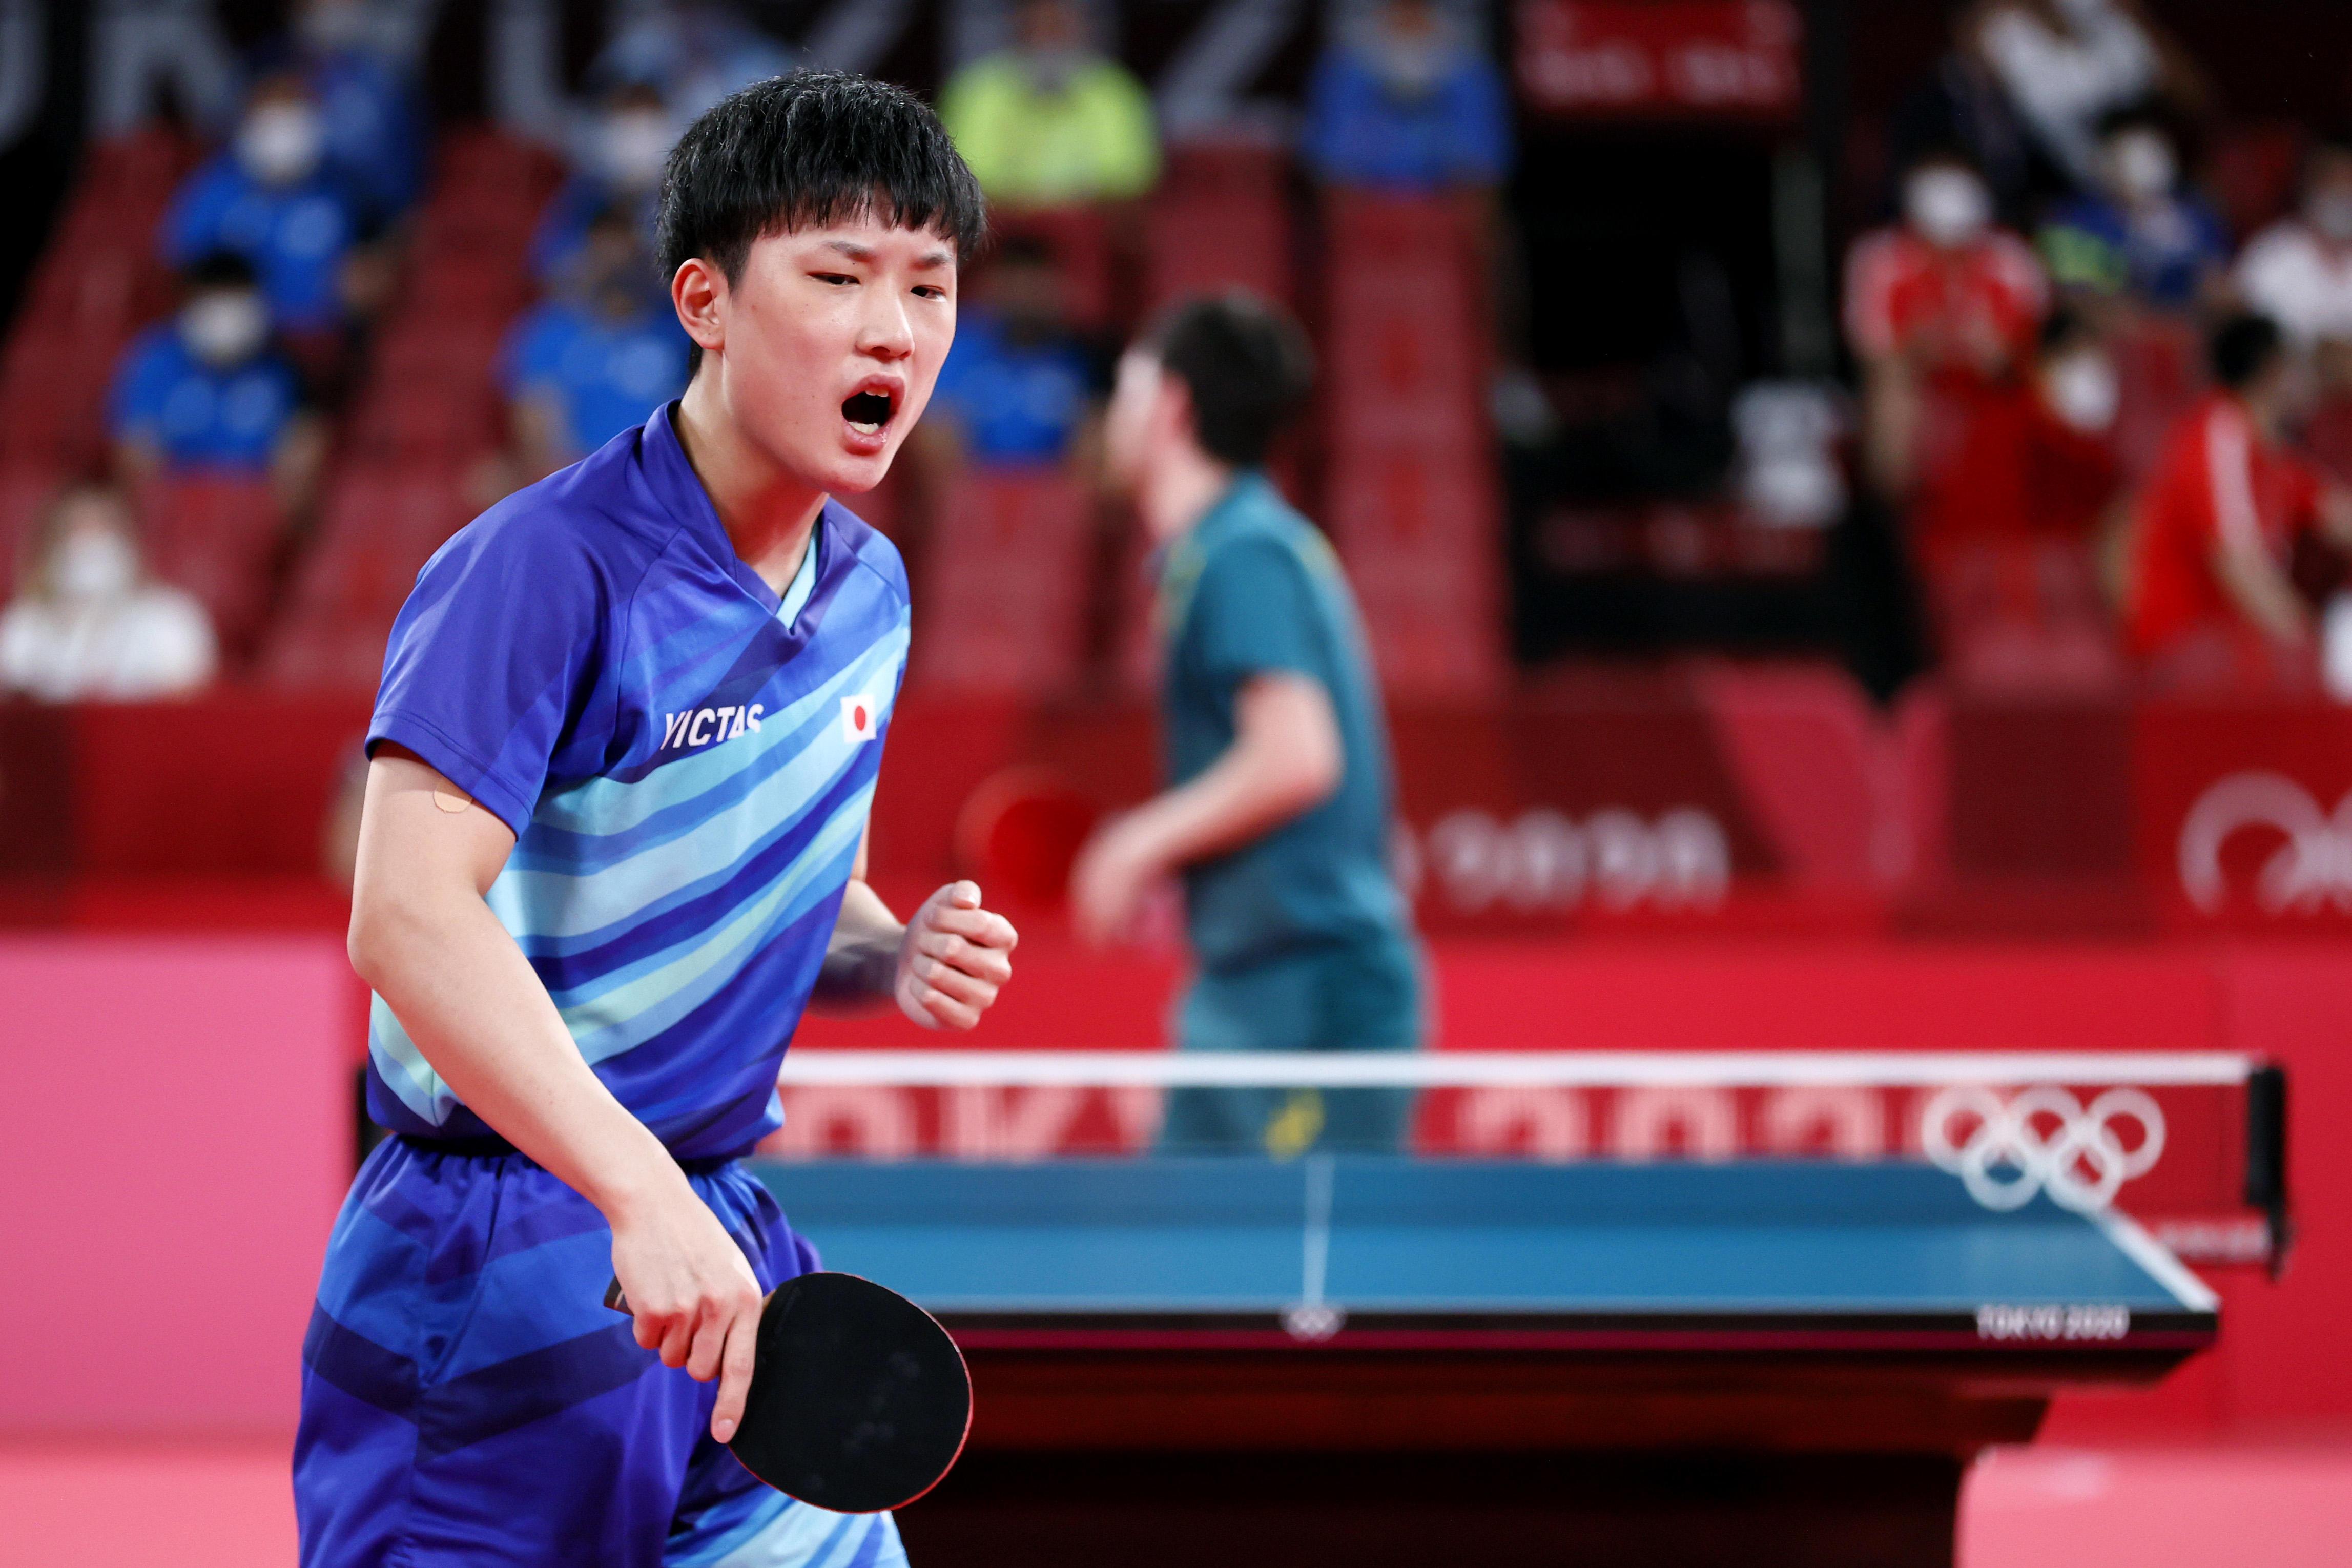 日本男子 全試合ストレート勝利 オーストラリアを圧倒!ベスト8進出【五輪卓球 団体】